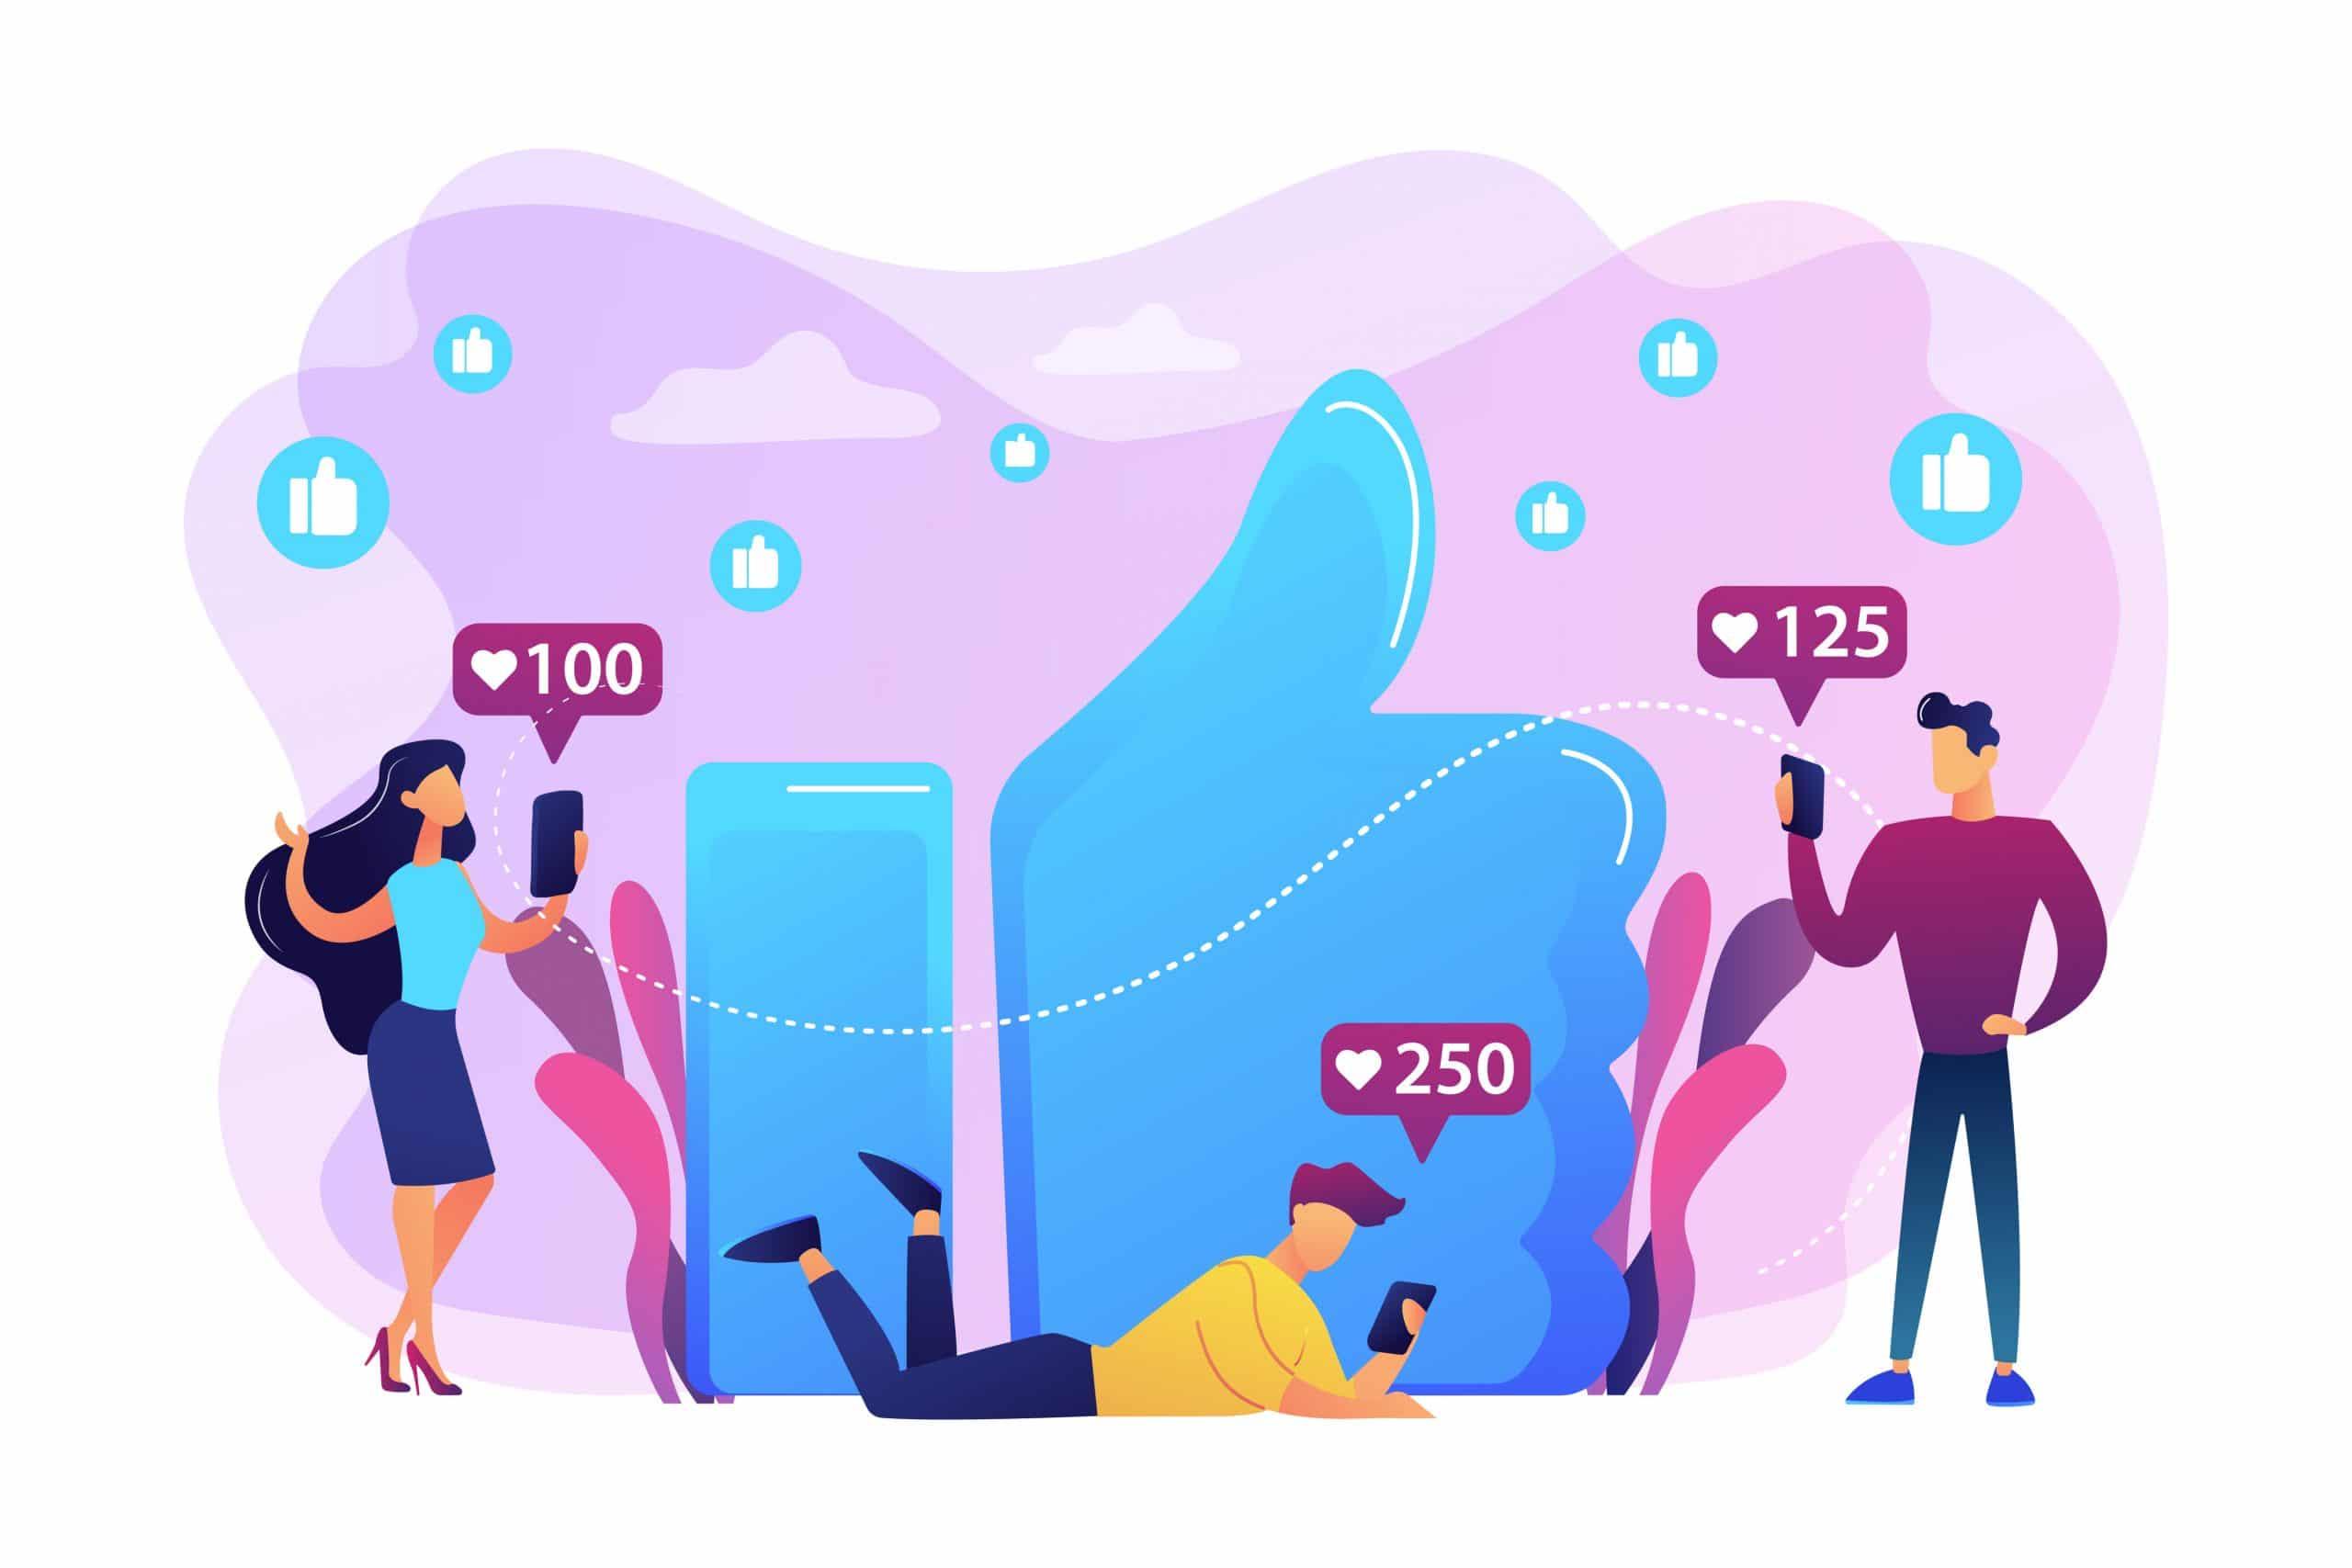 Pouce bleu comme interaction pour les réseaux sociaux